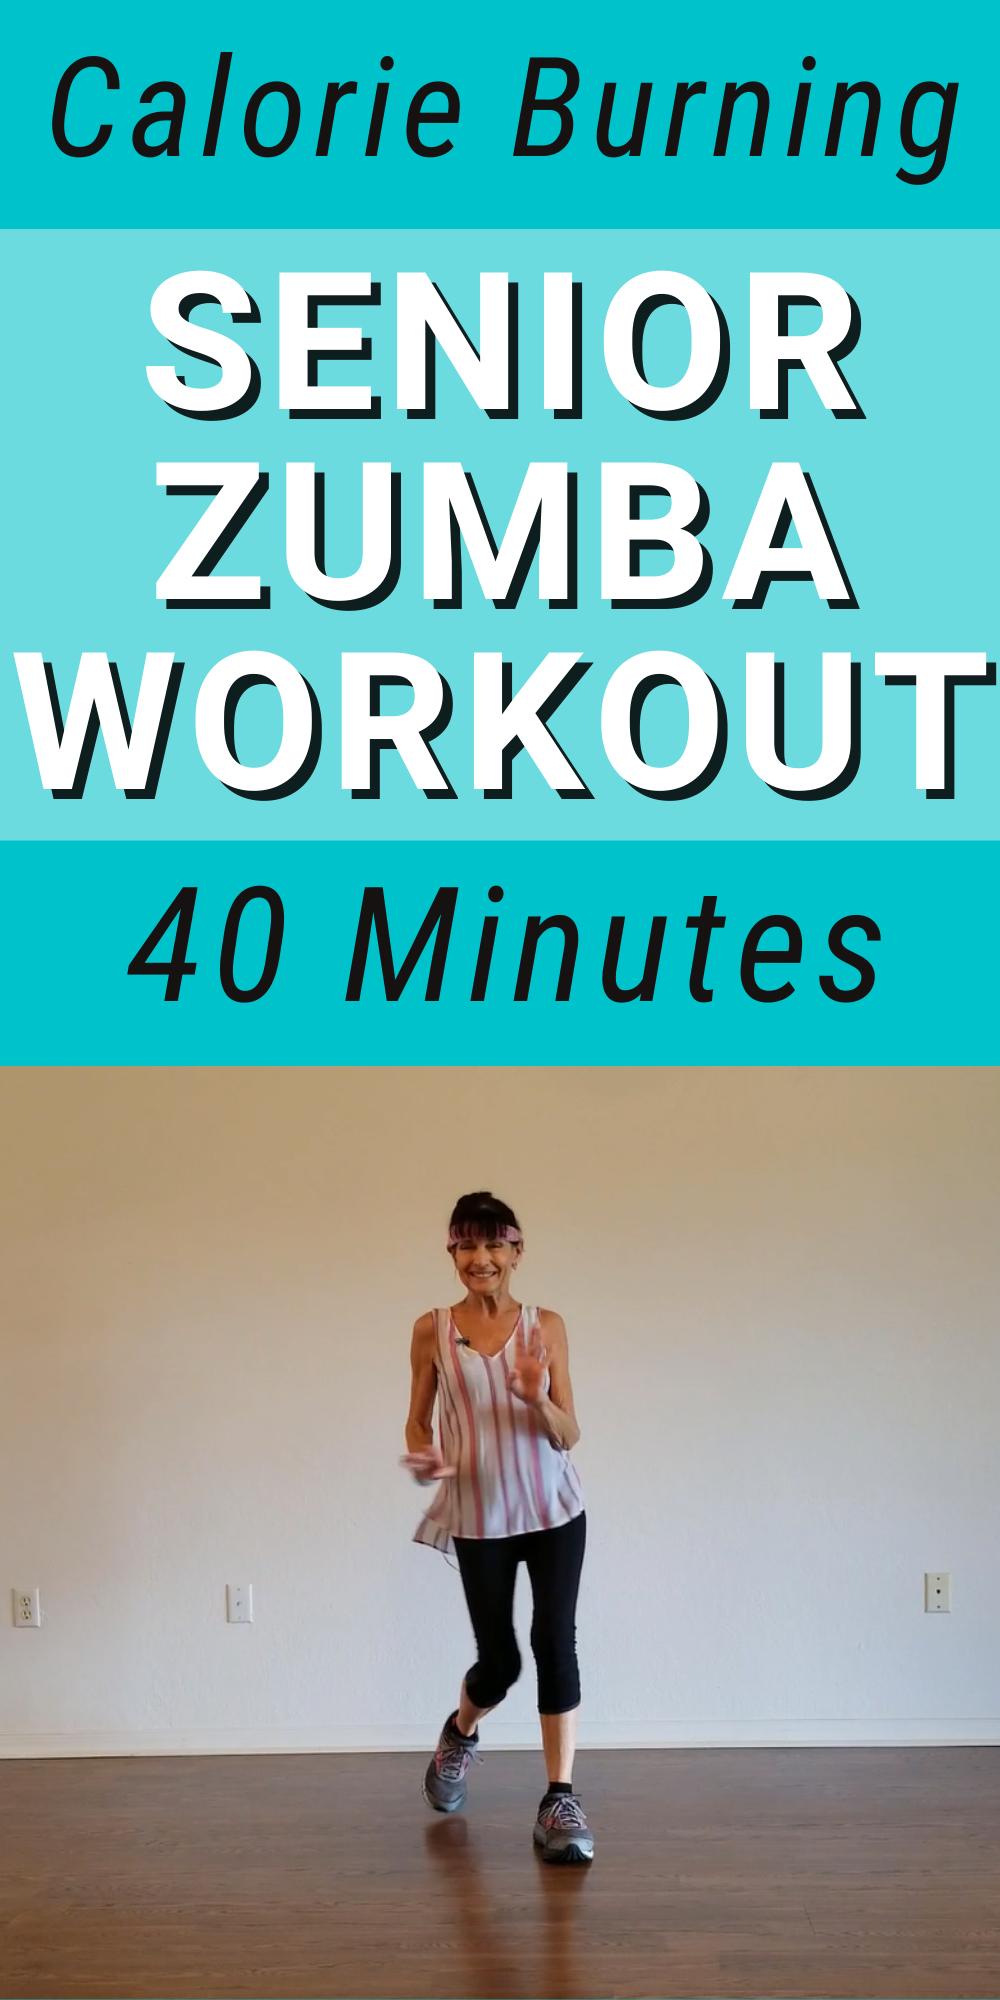 Senior Zumba Workout